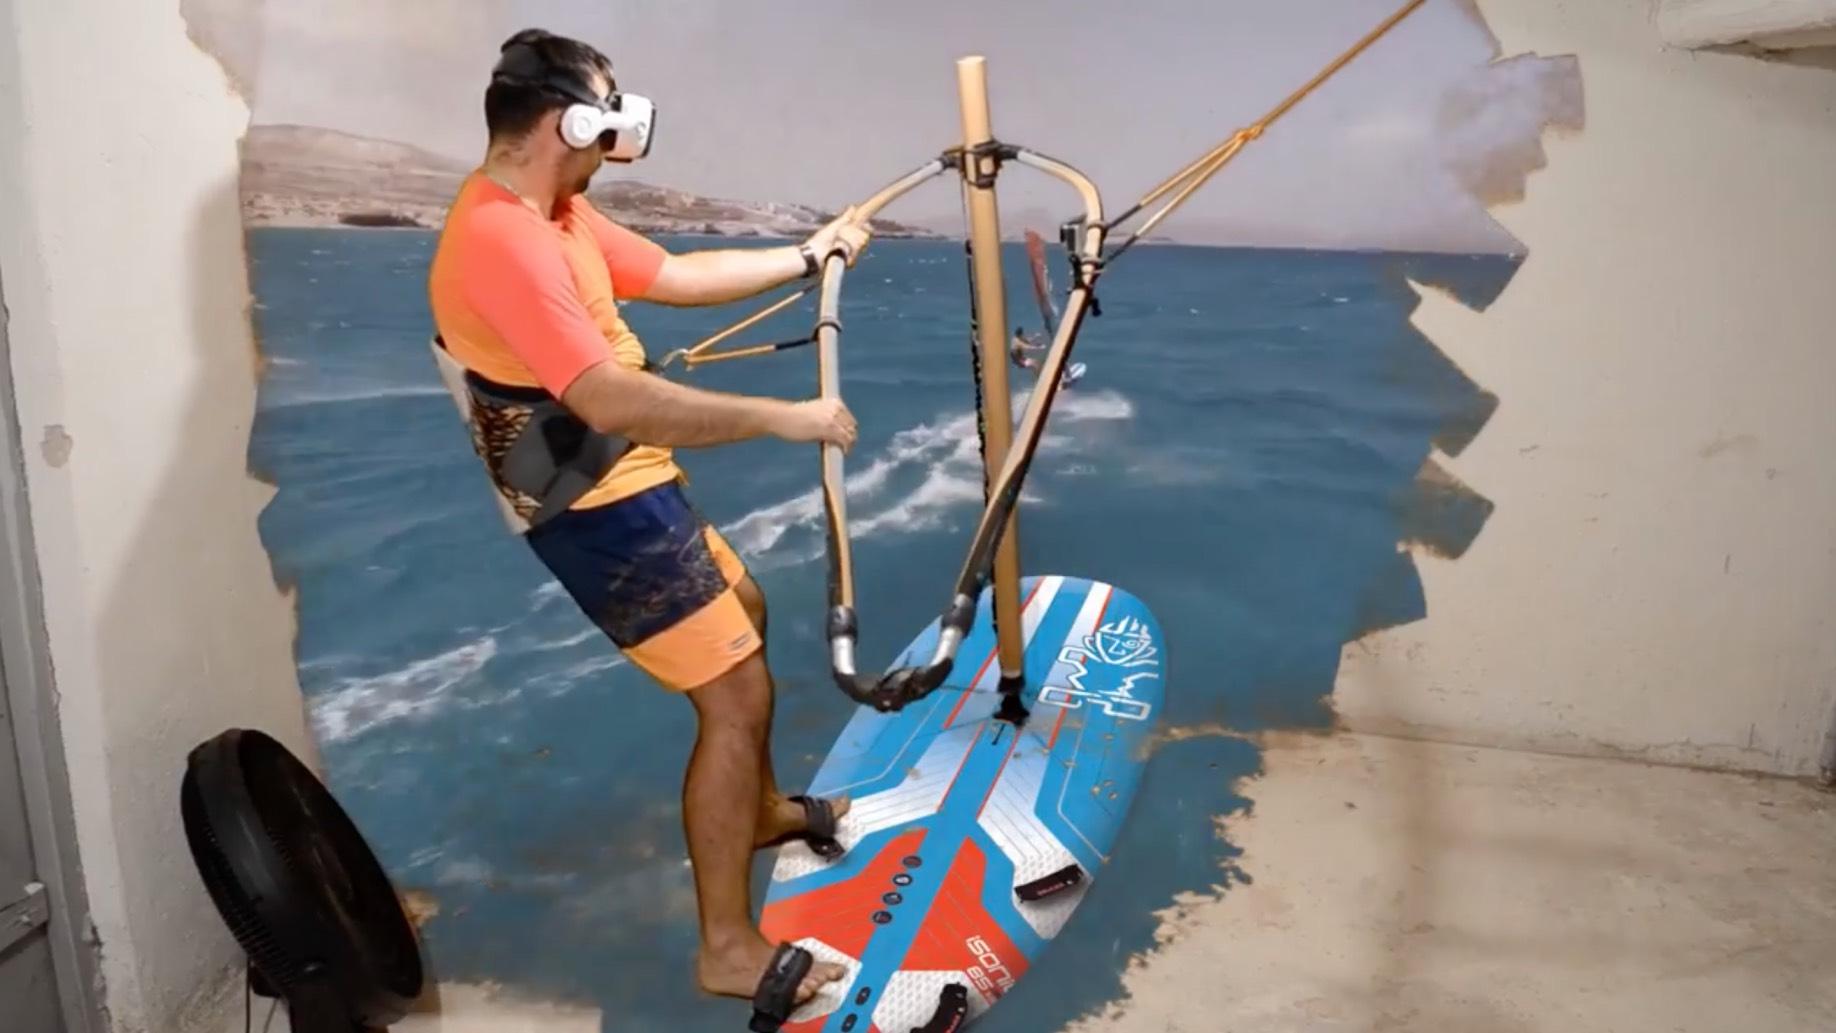 Winner Of A New iSonic - 2 - Windsurf